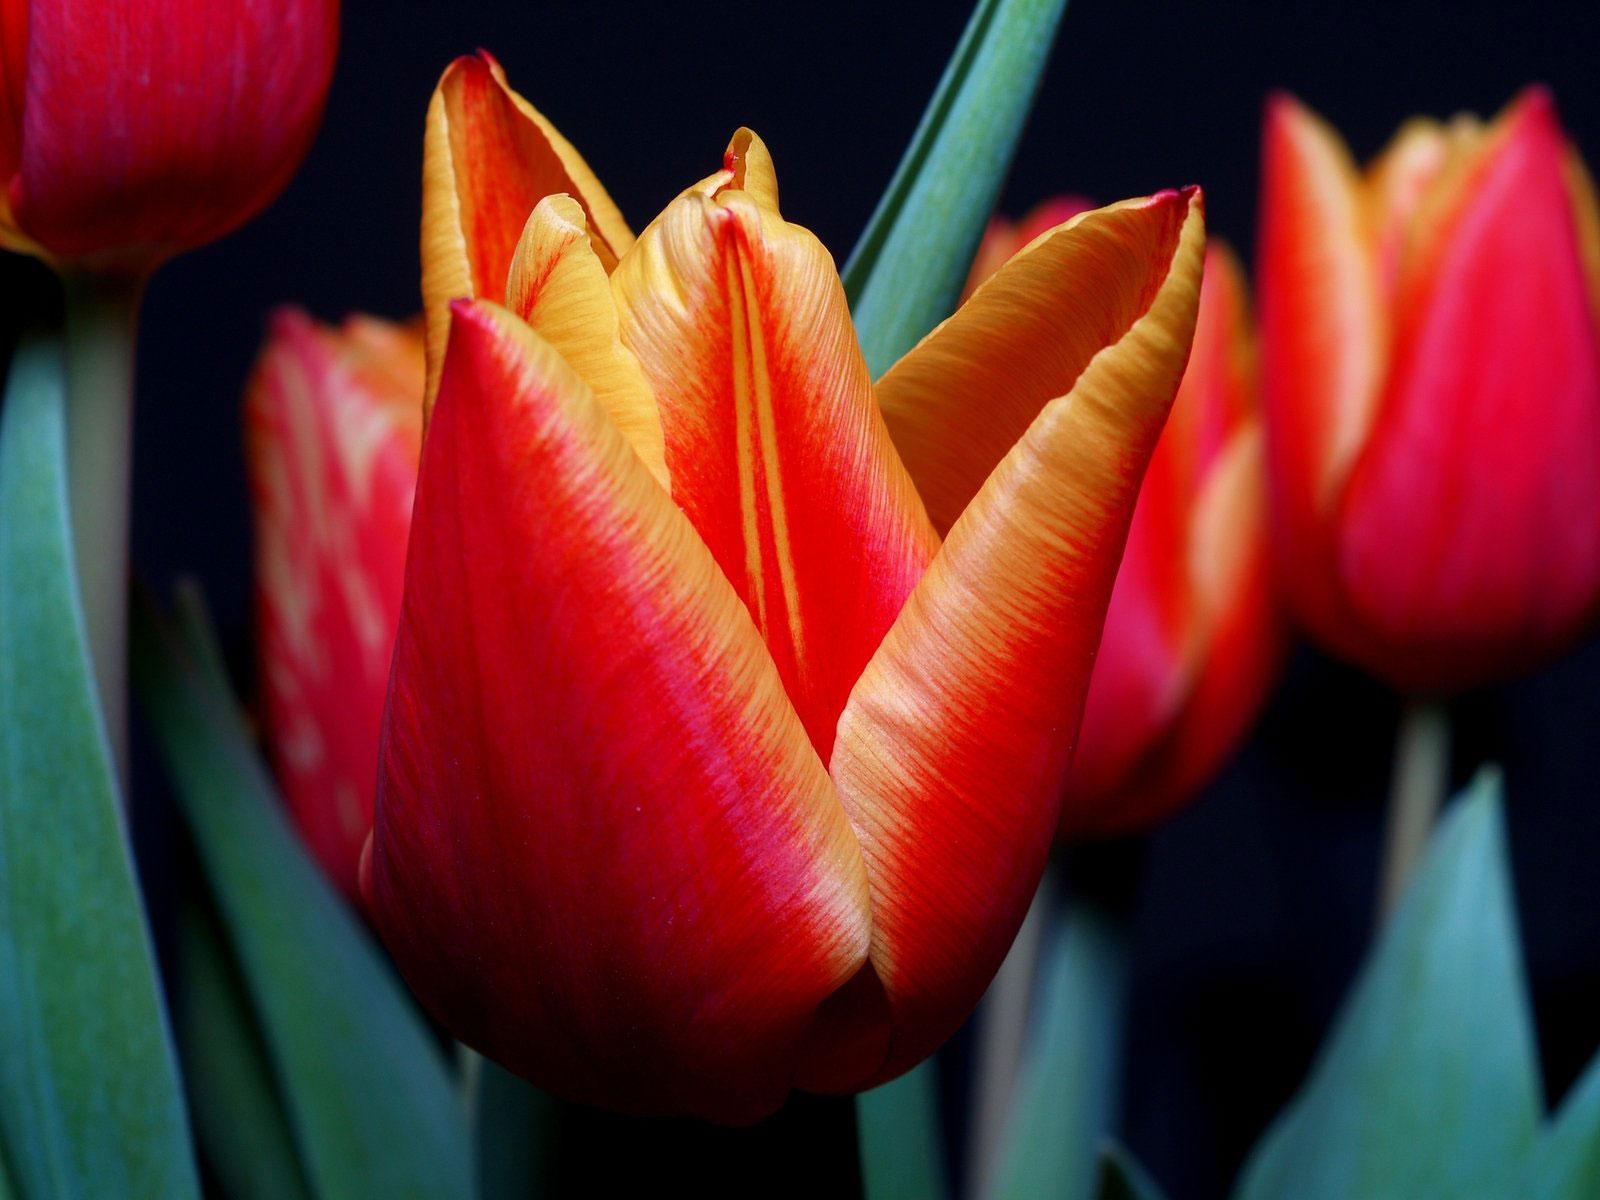 Flower-of-Didiers-tulip